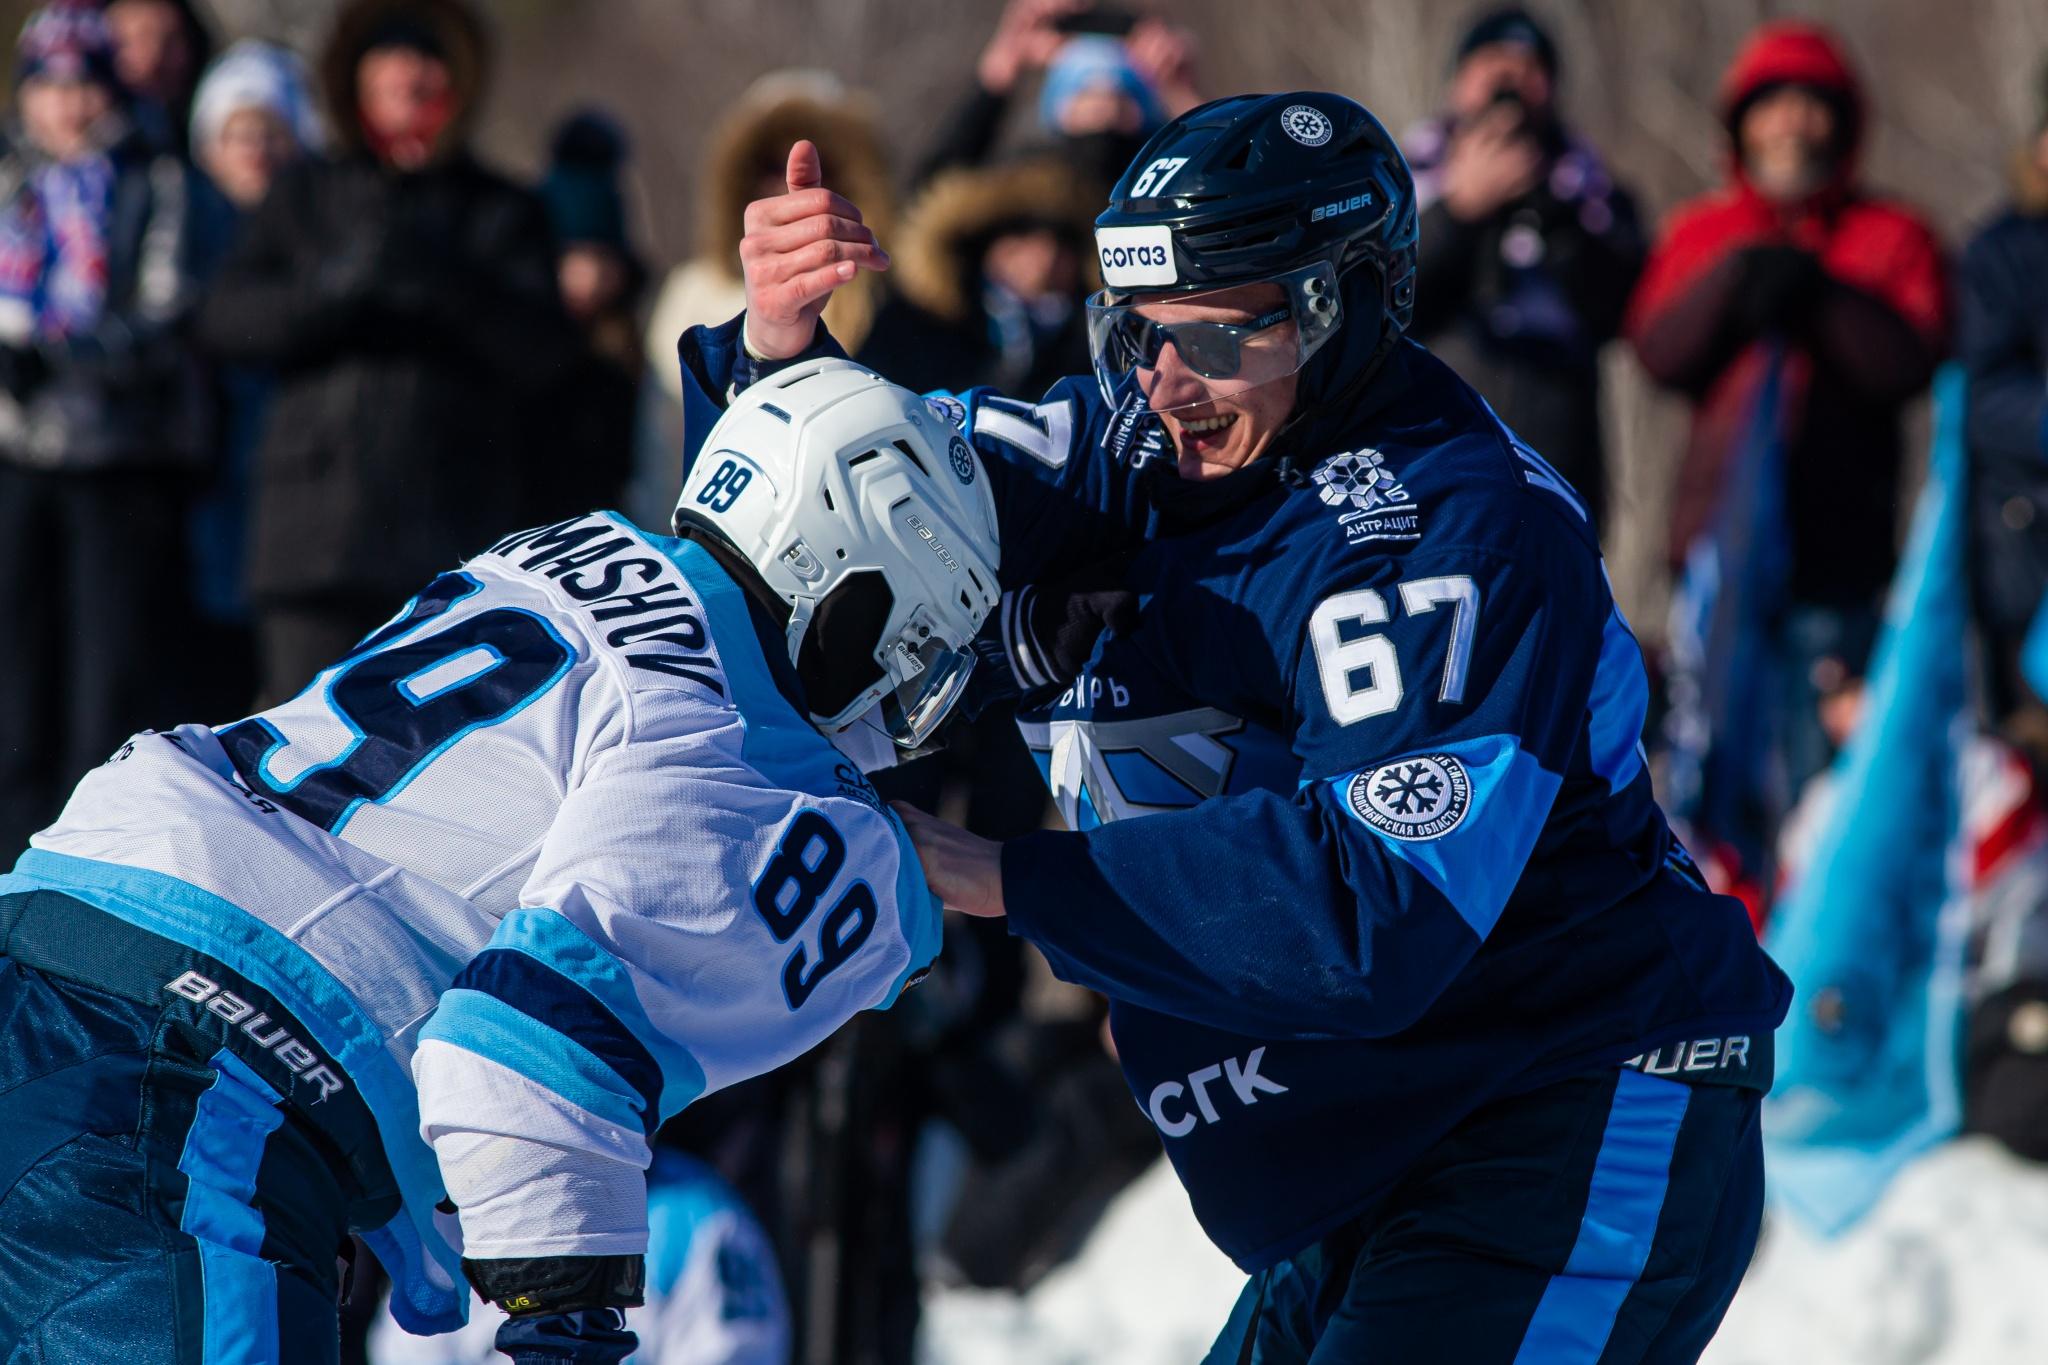 01_20210312_SIBIR_KHL_17.jpg